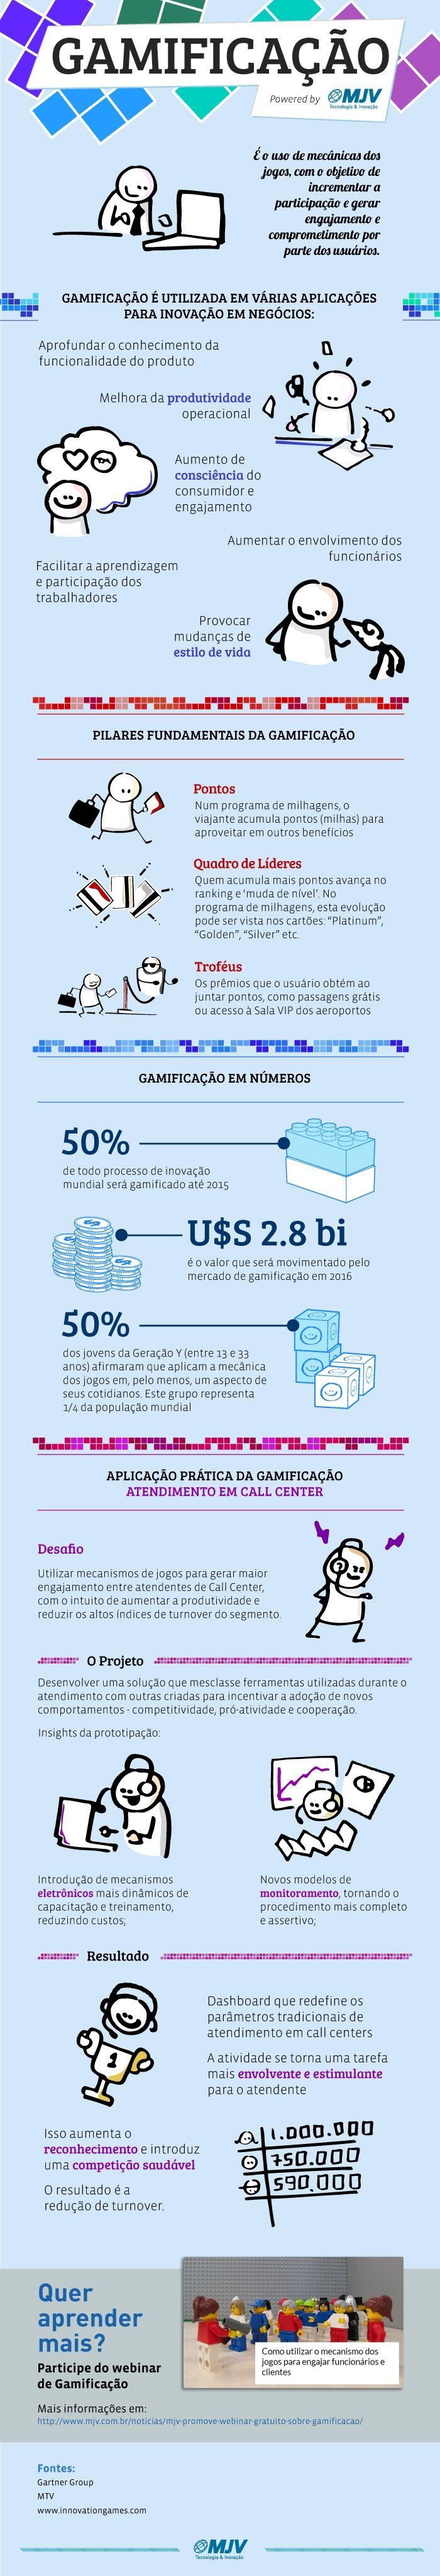 Gameficação .. a arte de conseguir dados através de jogos =)